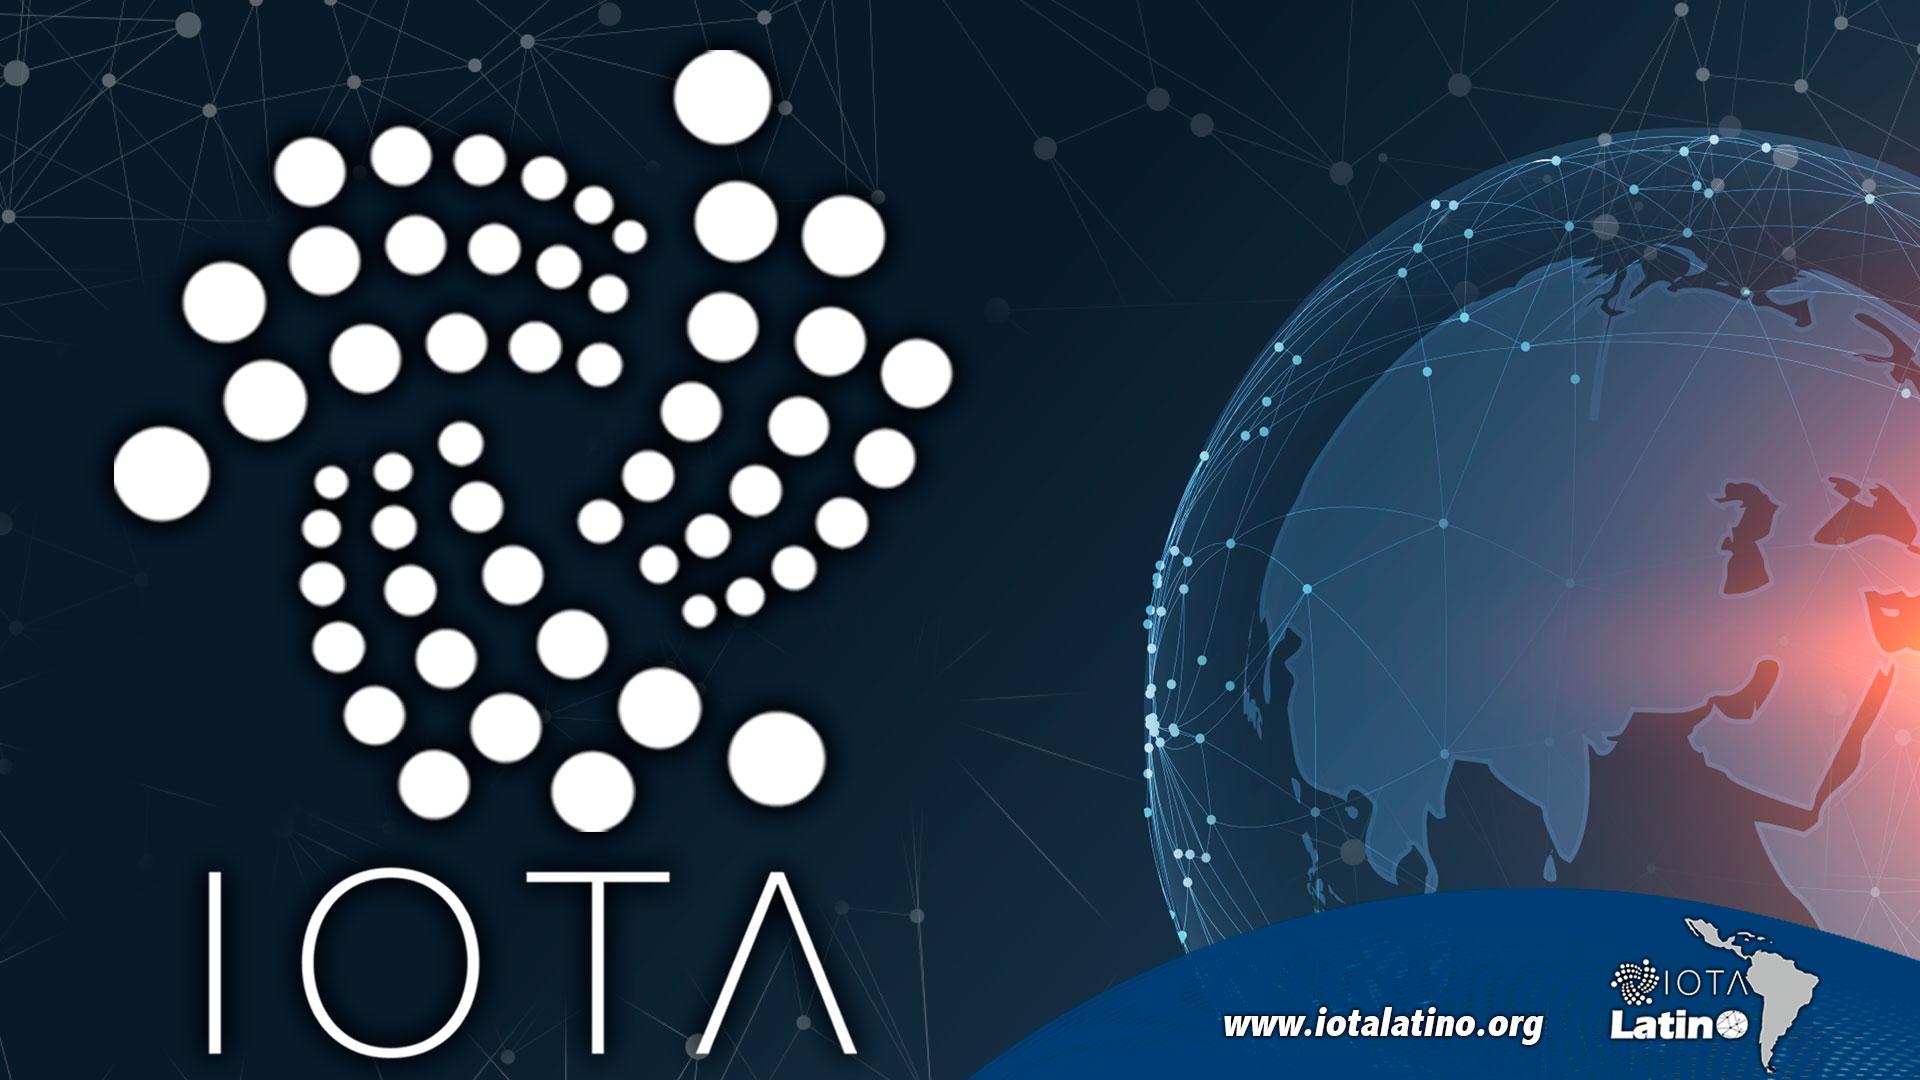 IOTA-ISO un híbrido entre ICO y Kickstarter